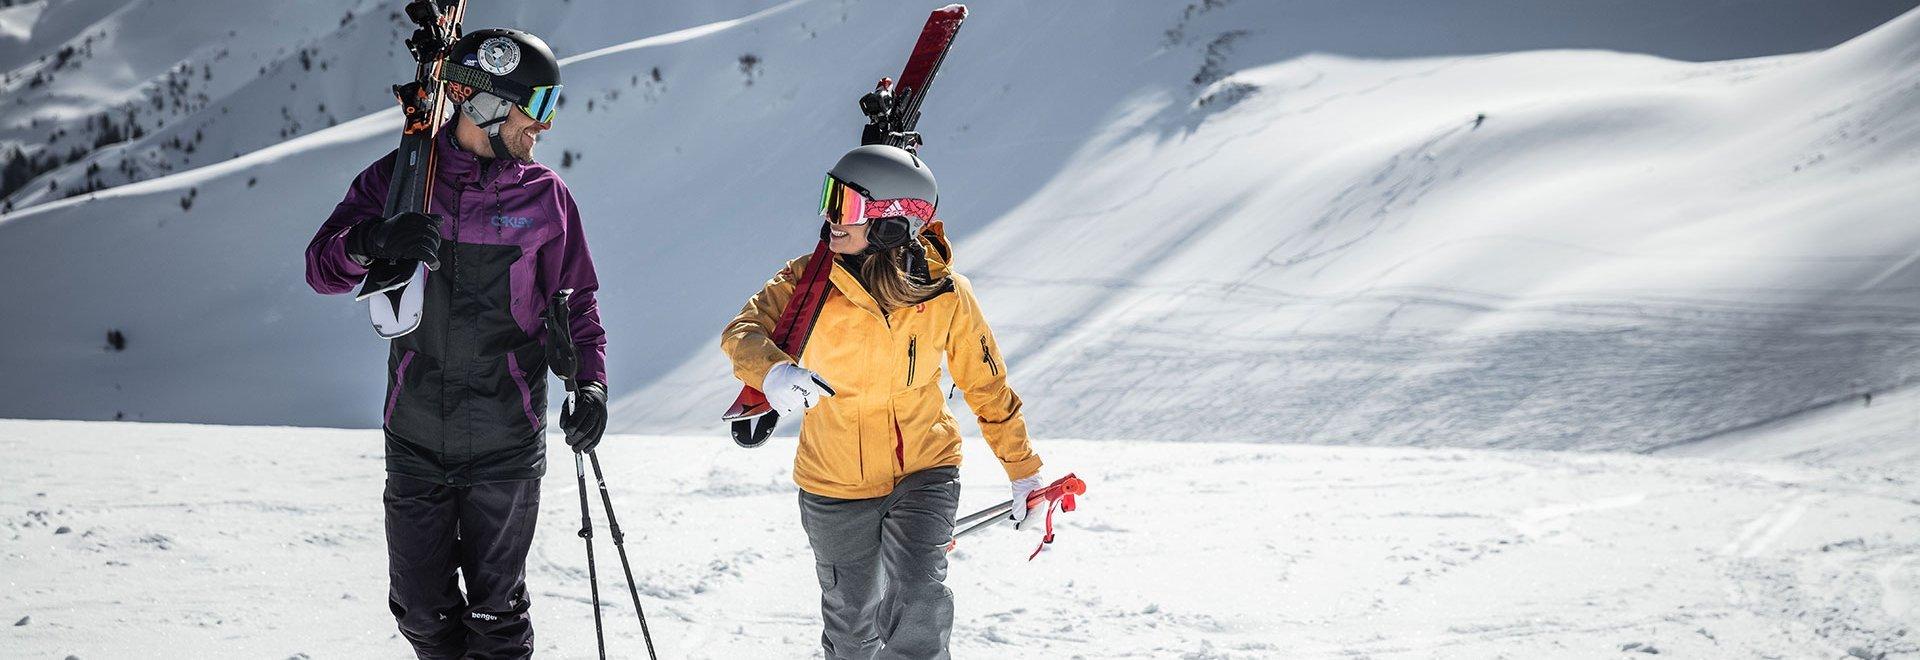 Paar mit Skieren